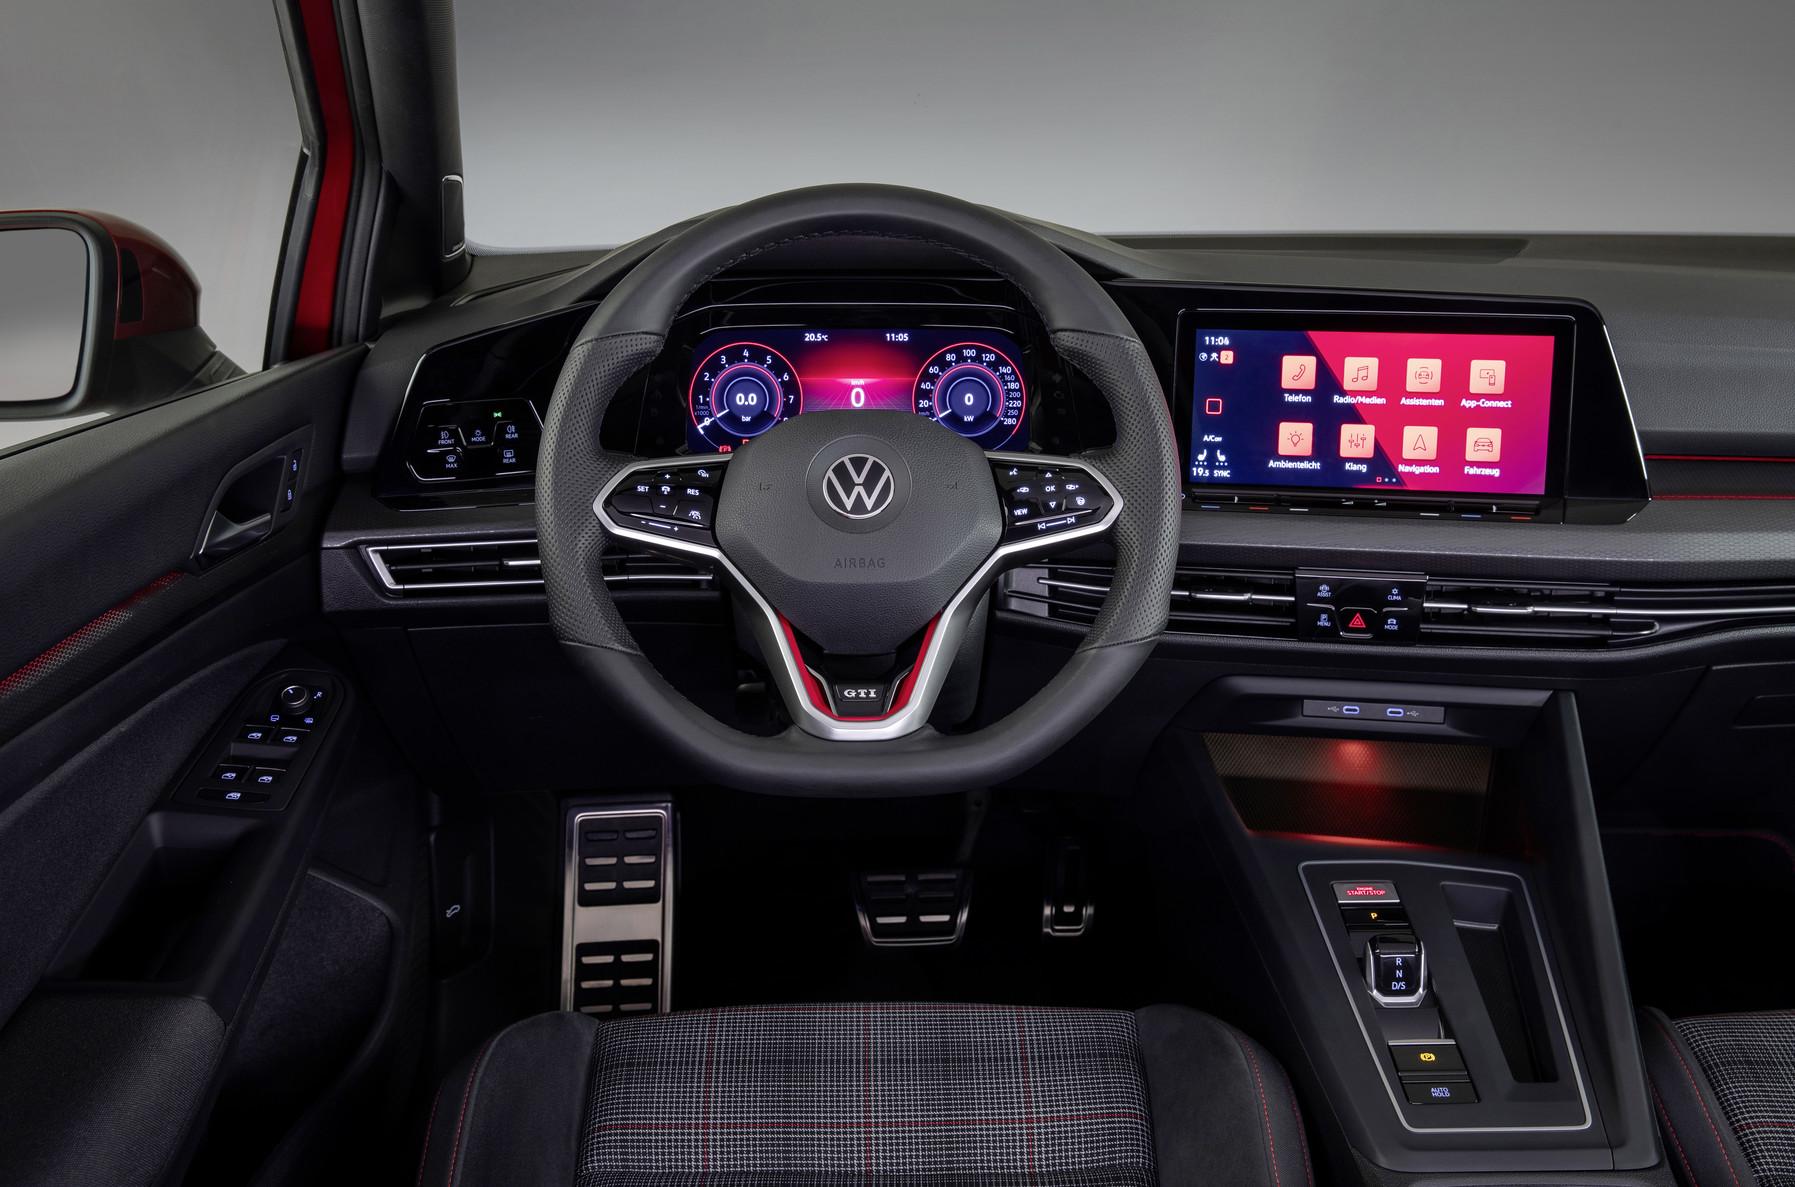 Mk8 Volkswagen Golf GTI Steering Wheel